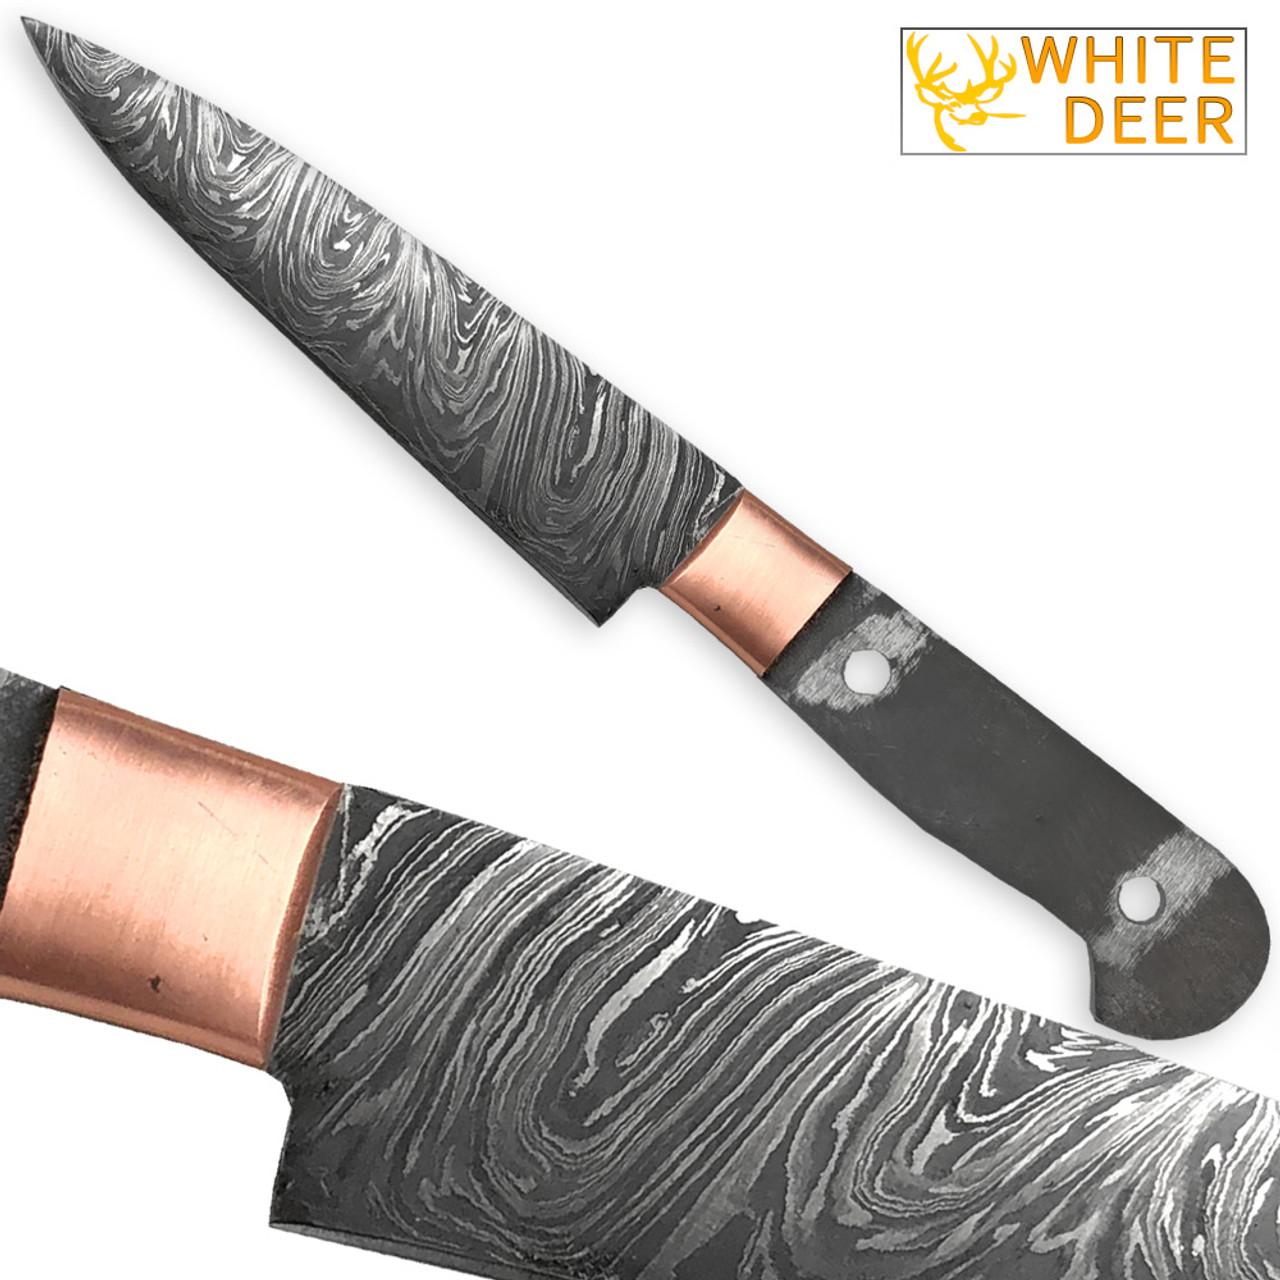 WHITE DEER Damascus Steel Knife Blank 9 375in Paring Chef Blade | Cutlery  DIY Handle